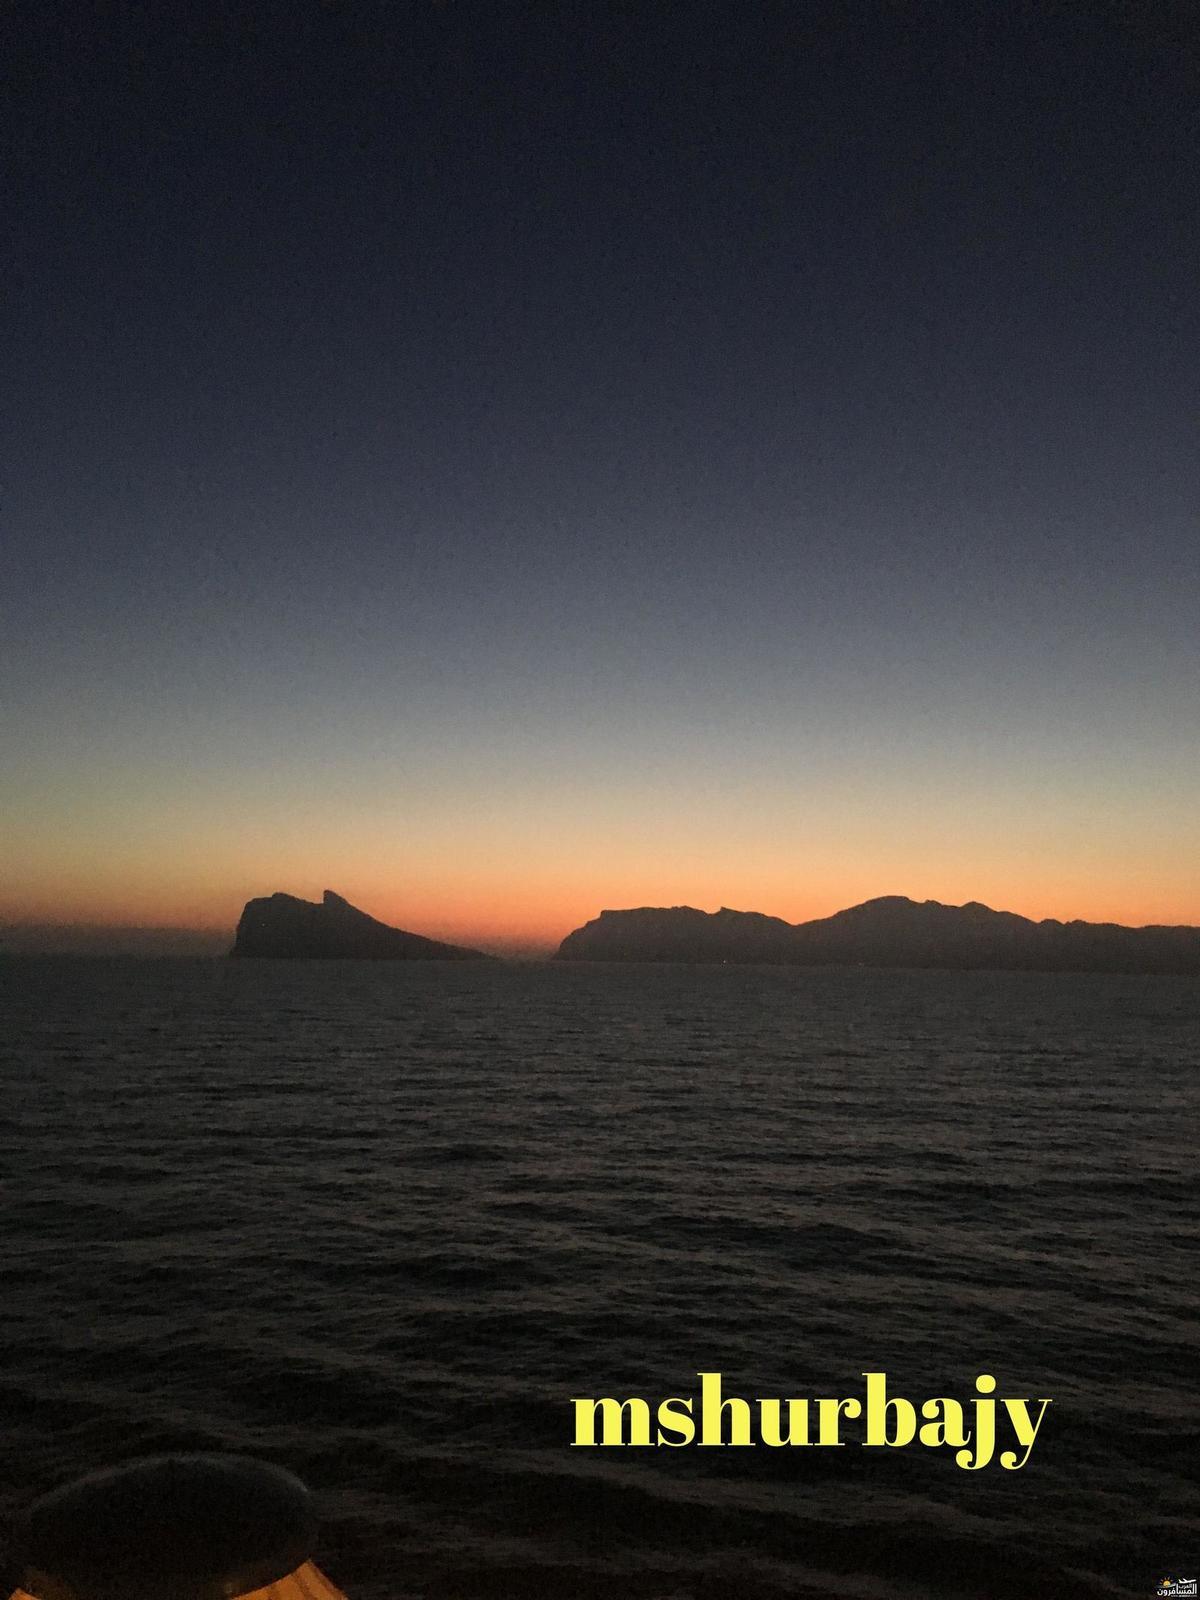 695602 المسافرون العرب الرحلة البحرية (الكروز) بين ايطاليا و فرنسا وأسبانيا